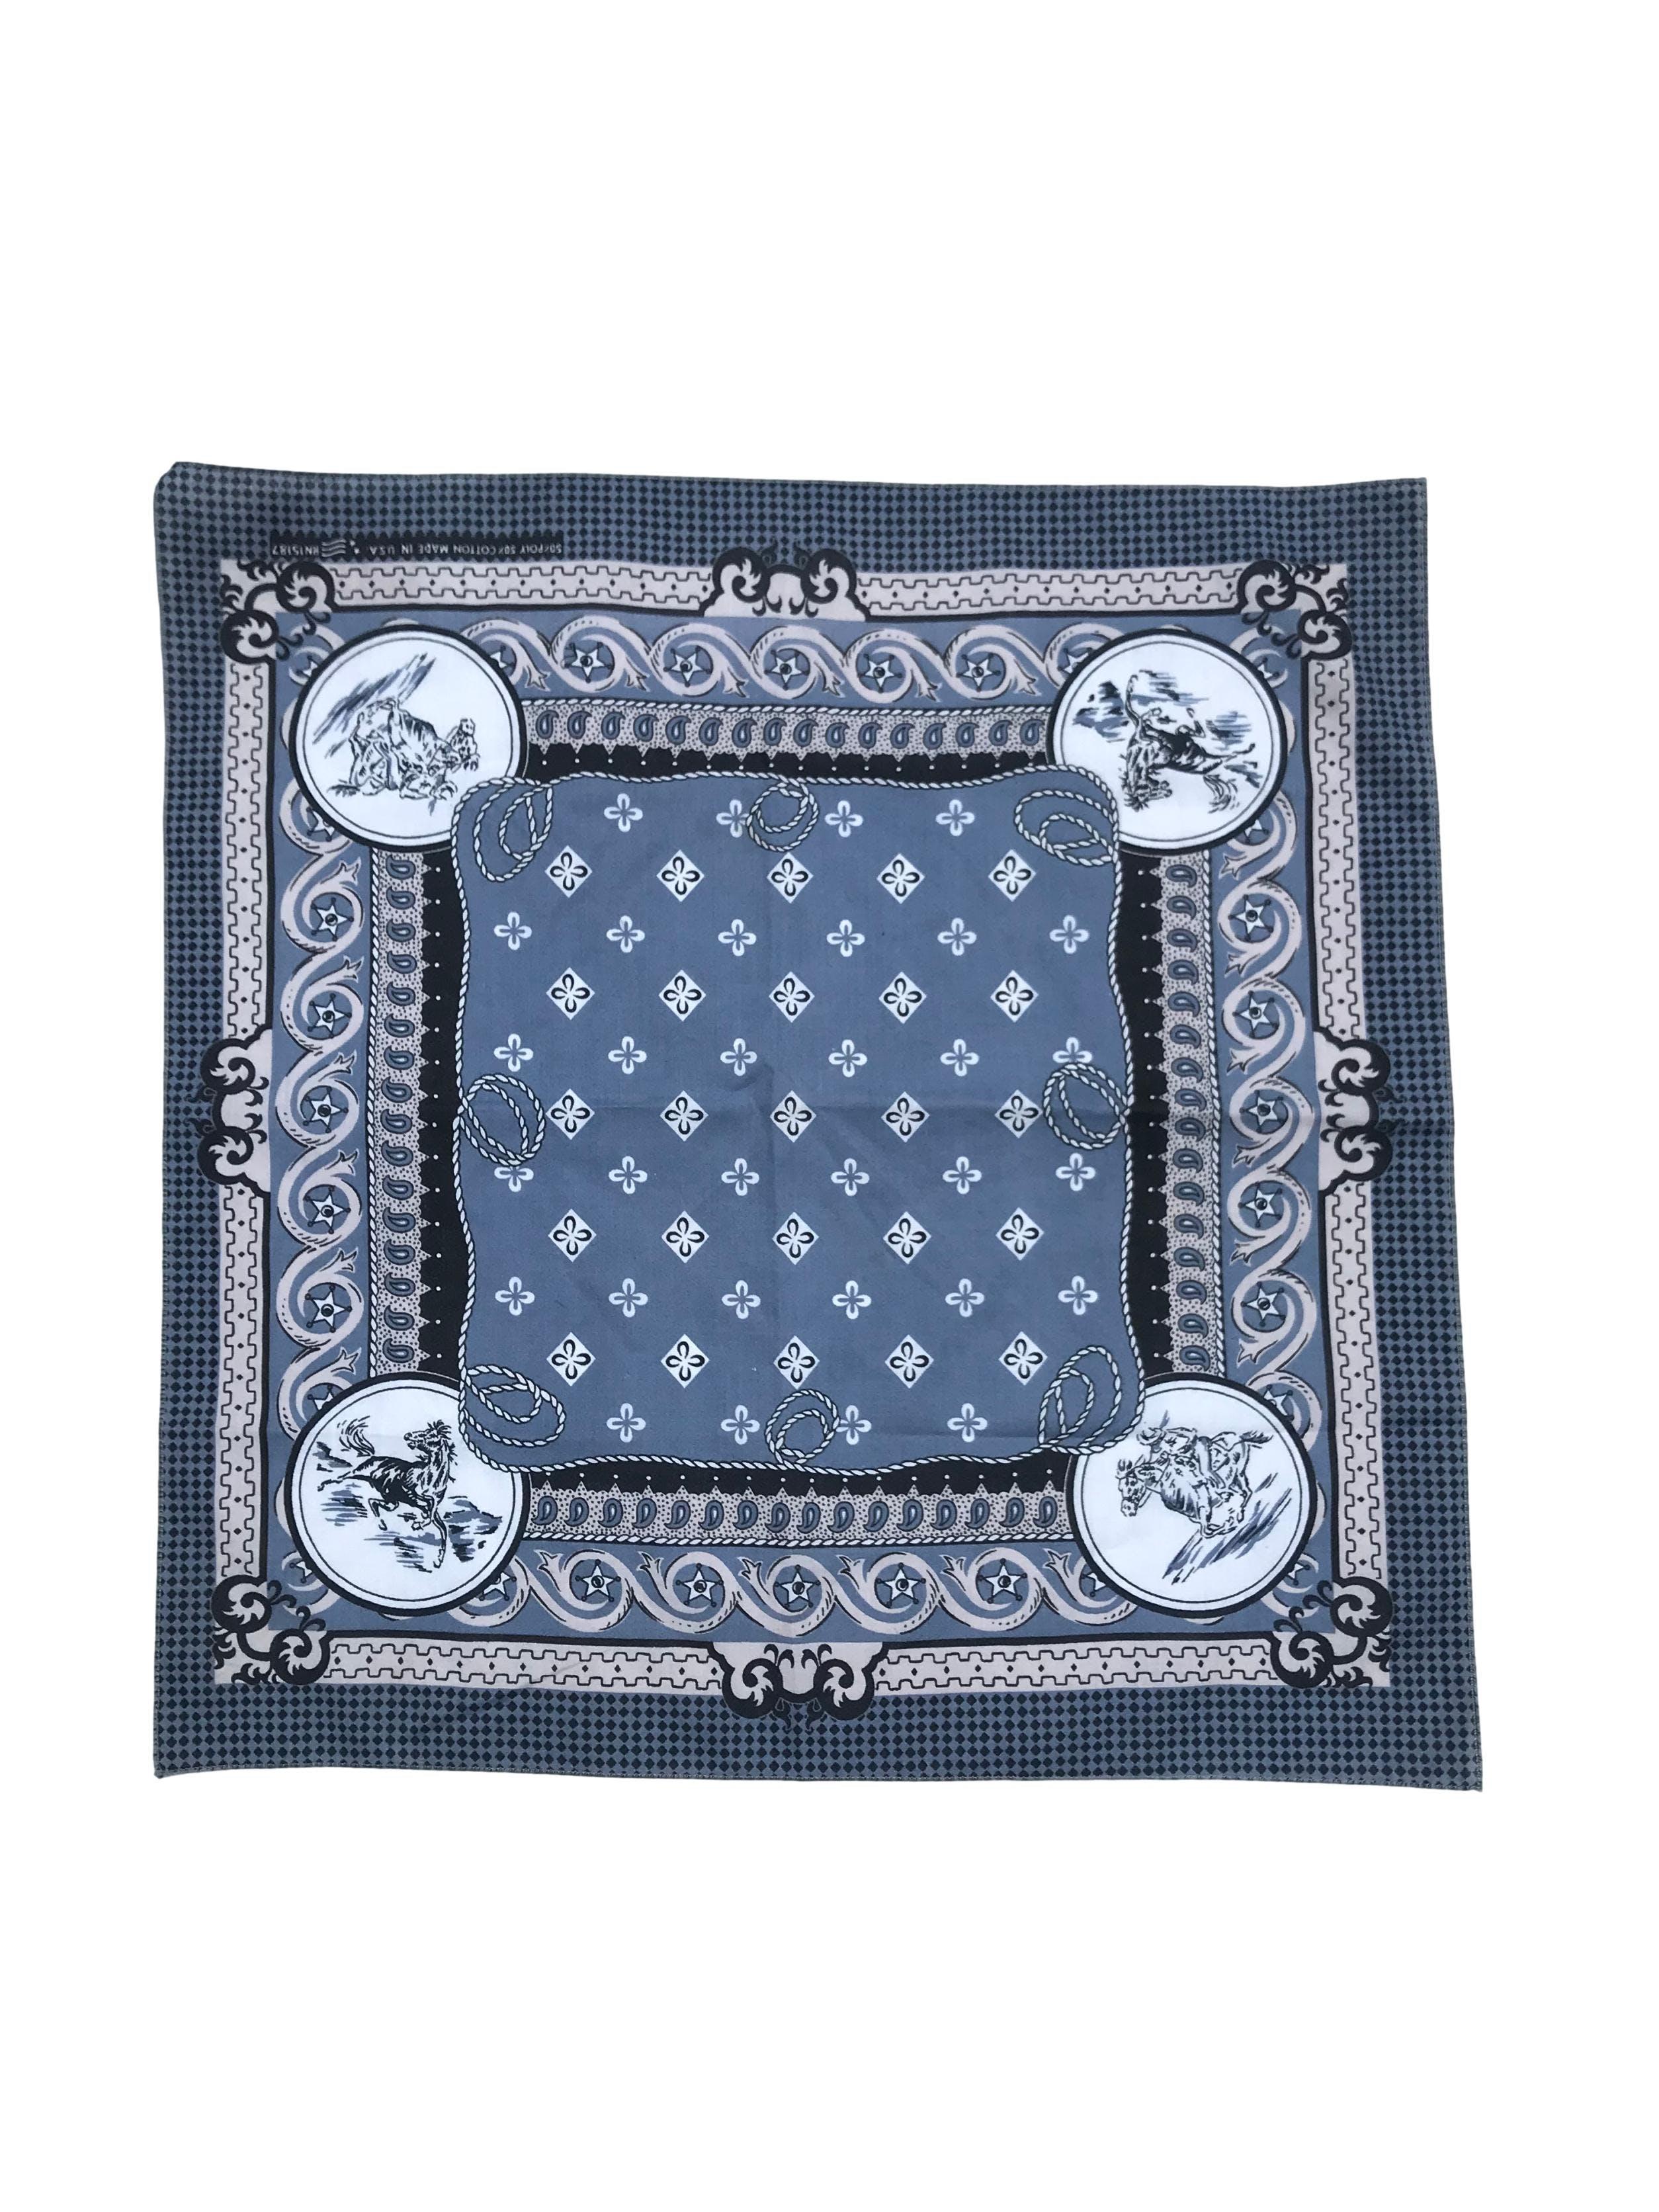 Bandana en tono azul acero, plomo y negro. Medidas 55x55cm